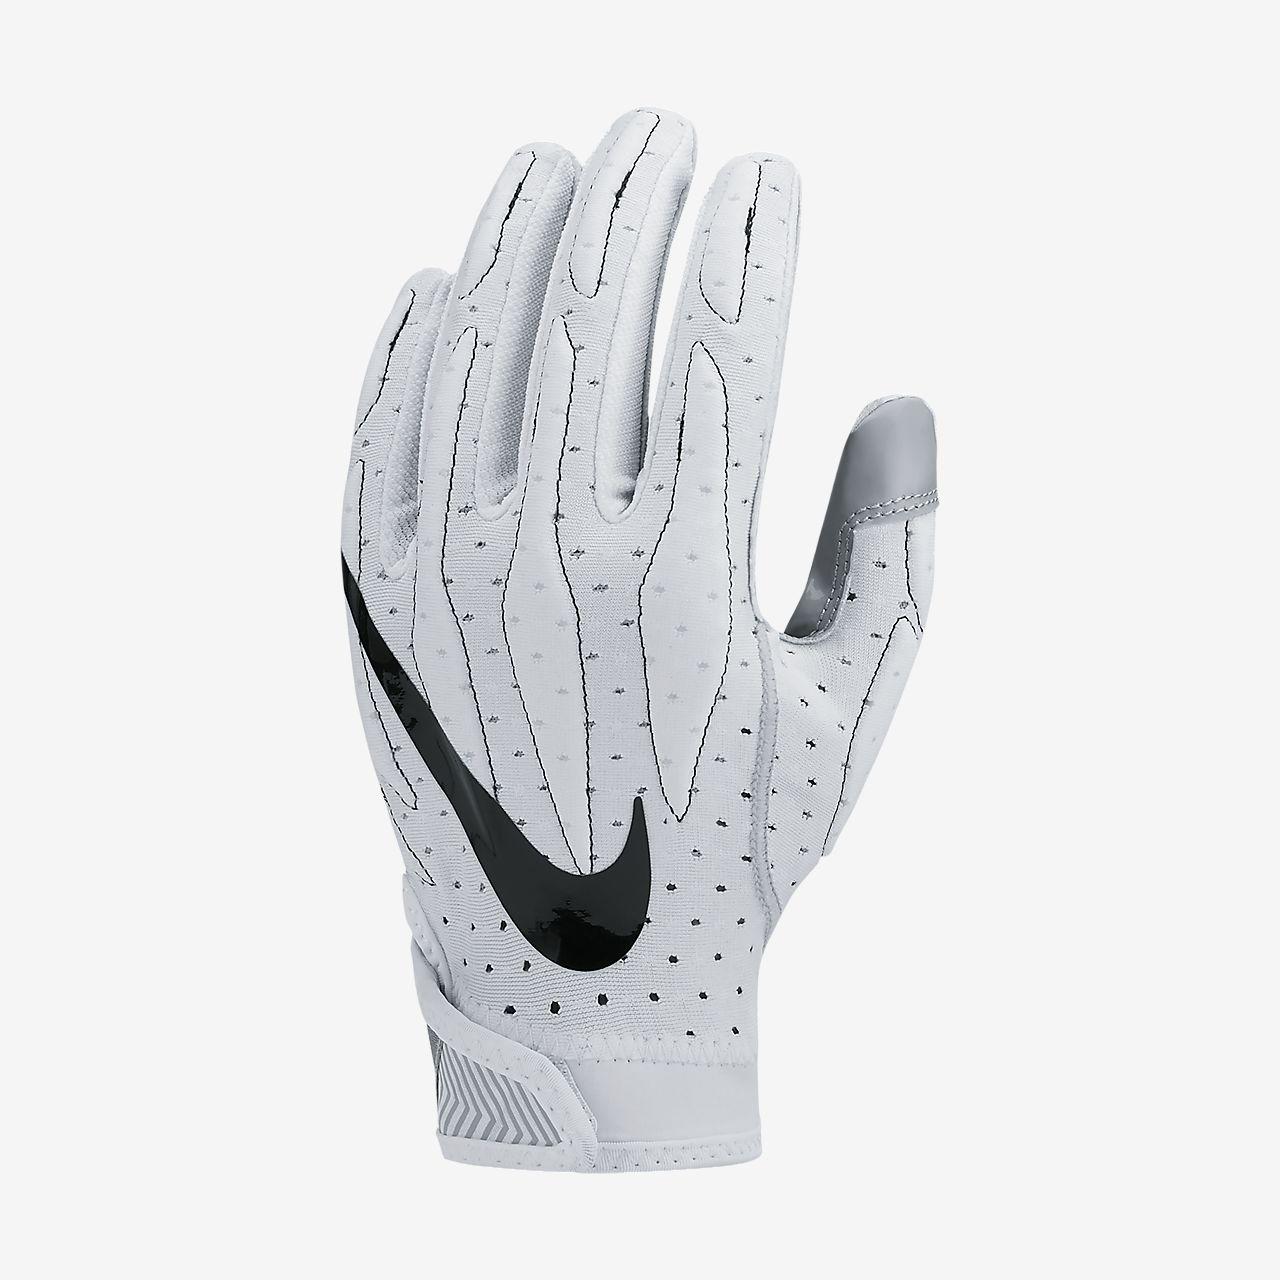 ... Nike Superbad 4 Big Kids' Football Gloves